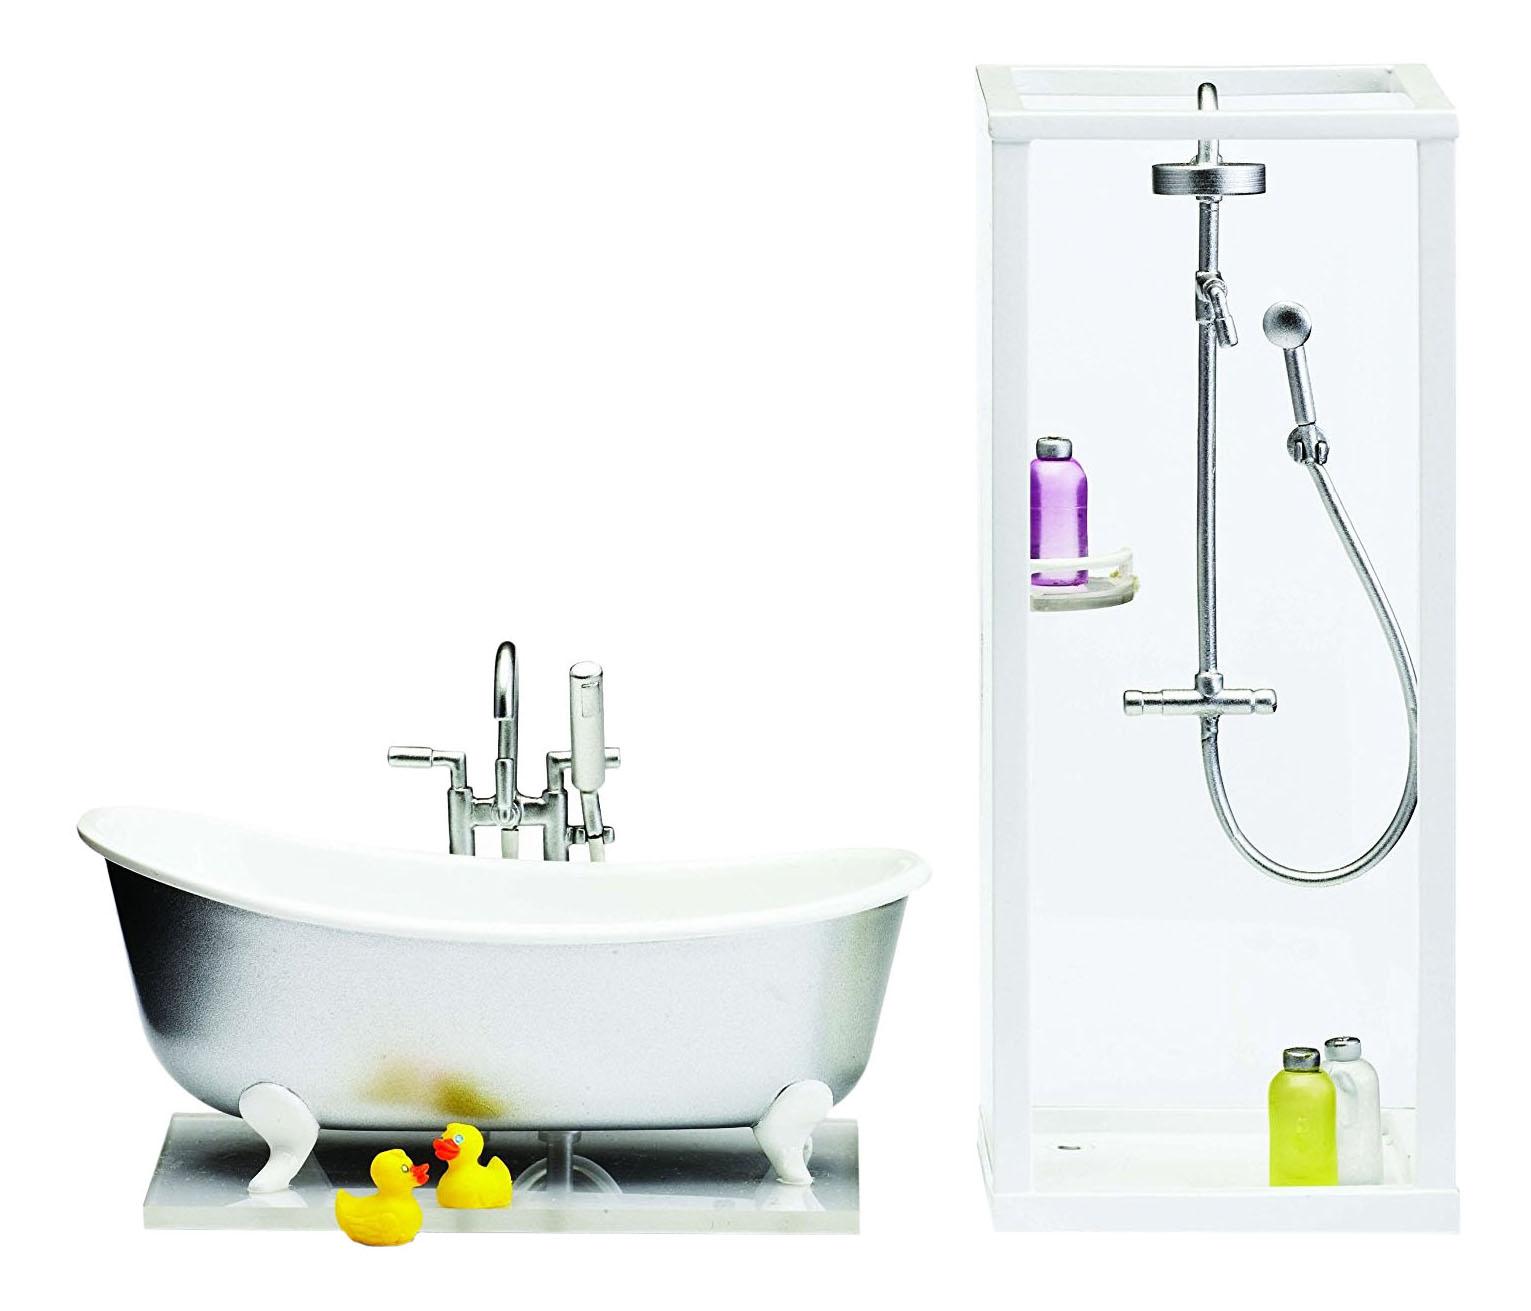 Купить Смоланд. Ванная и душевая, Смоланд Ванная и душевая LB_60208900 для домиков Lundby, Аксессуары для кукол